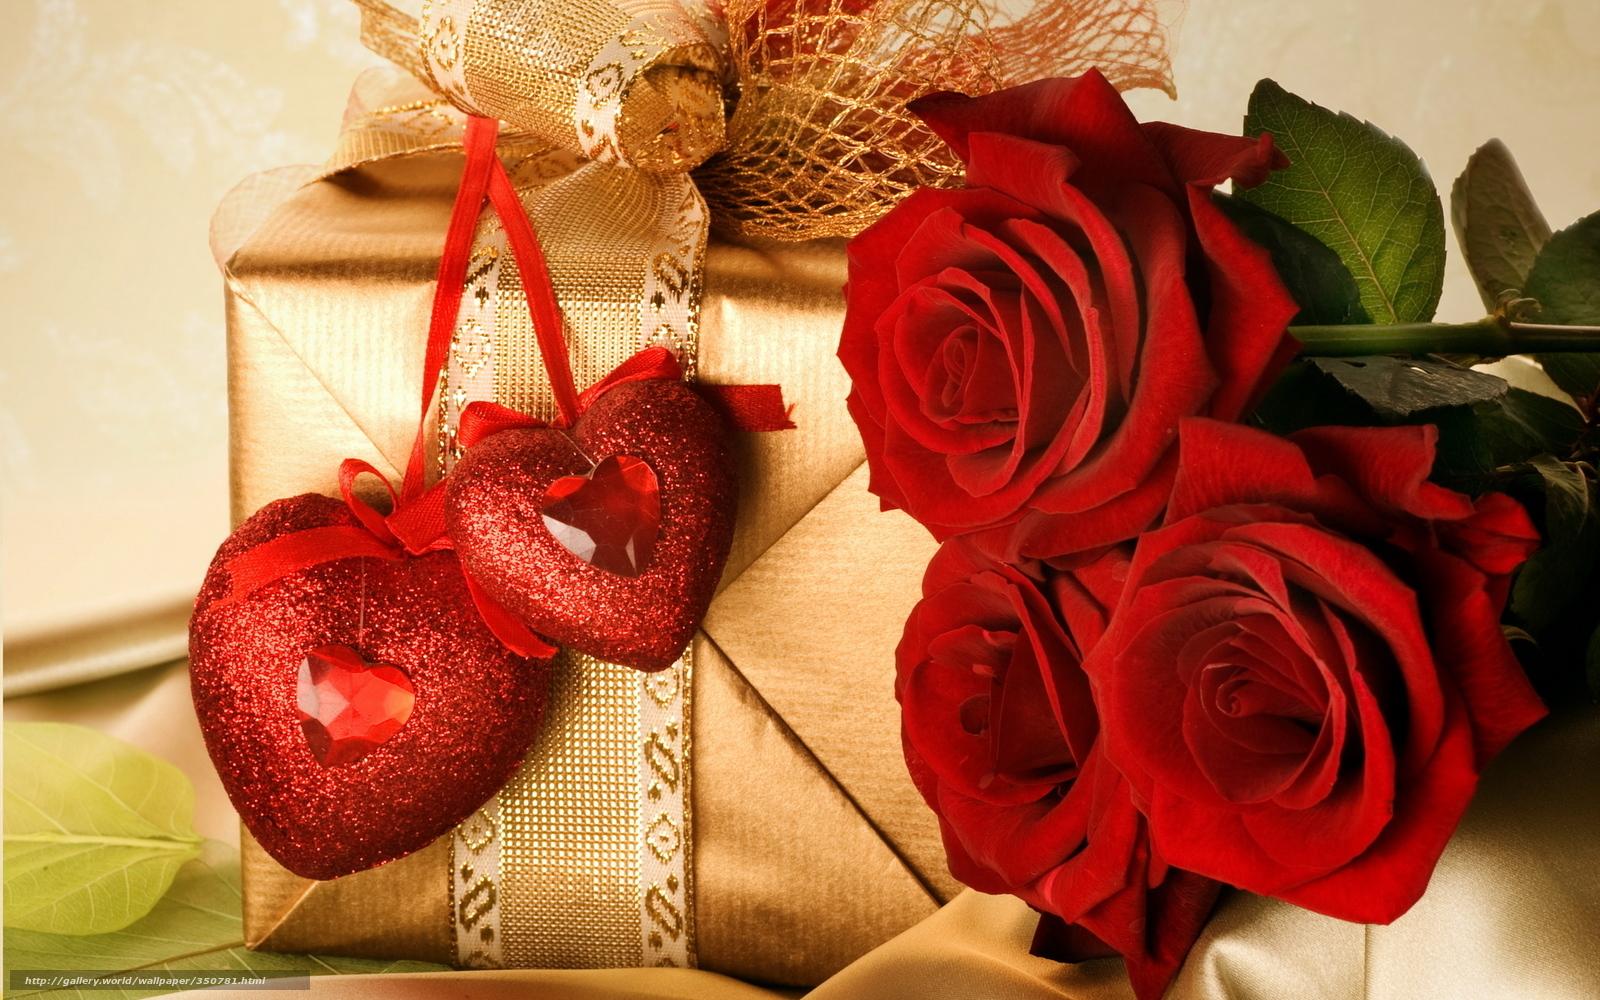 Скачать обои праздник,  день святого валентина,  день всех влюбленных,  любовь бесплатно для рабочего стола в разрешении 1920x1200 — картинка №350781